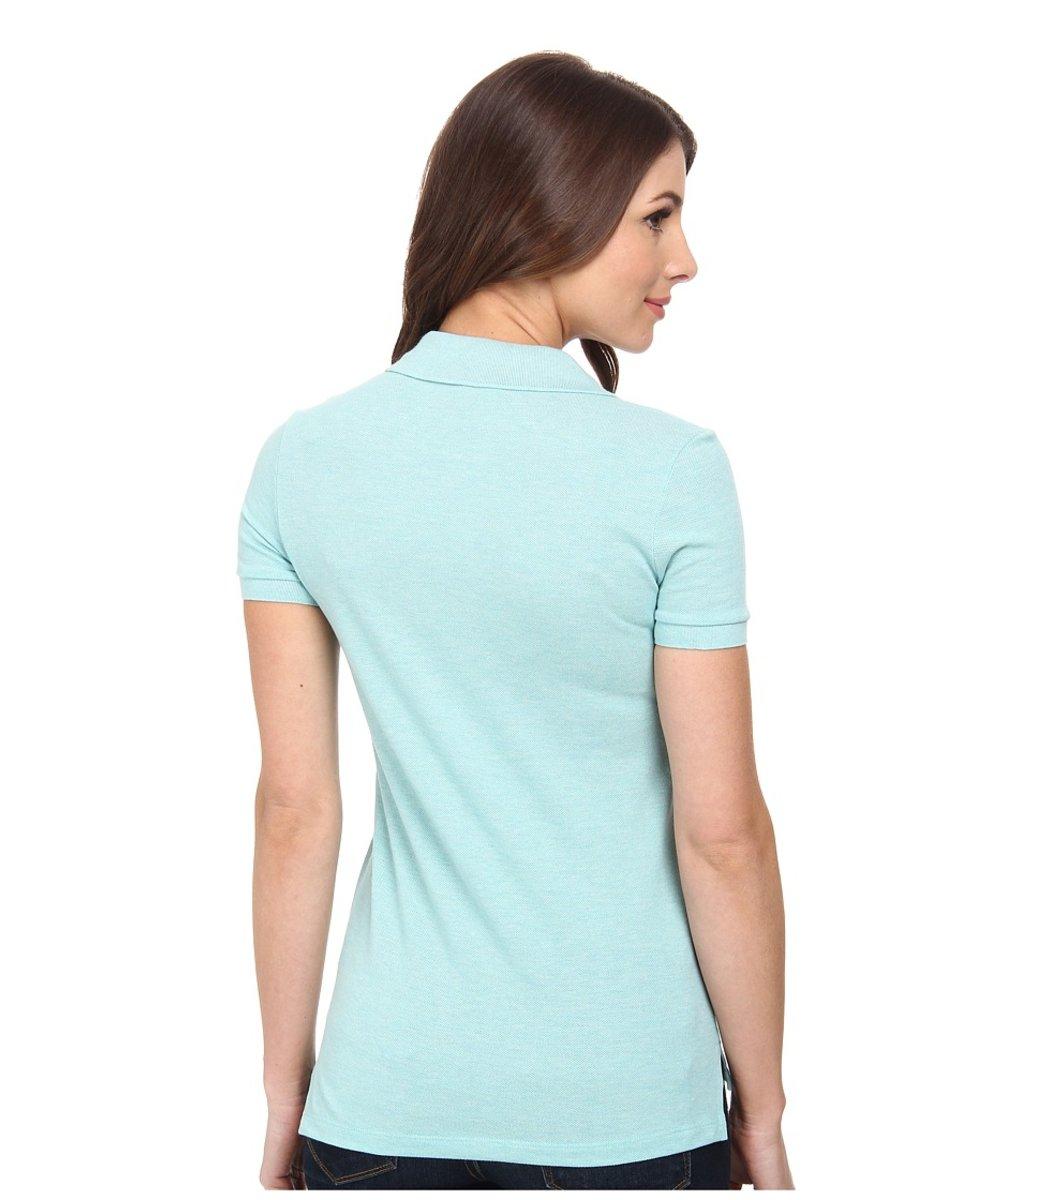 Женская светло-голубая футболка поло Lacoste - светло-голубой - Вид 2